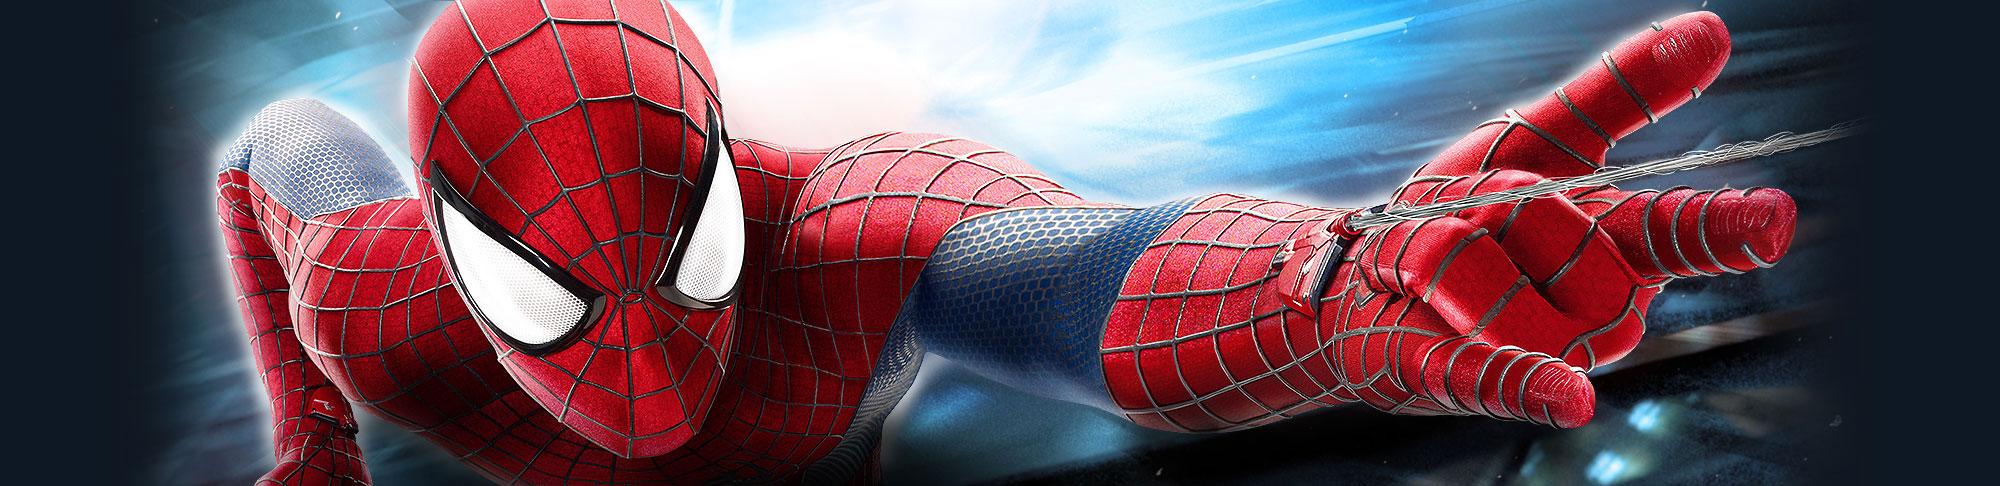 header-background-spiderman